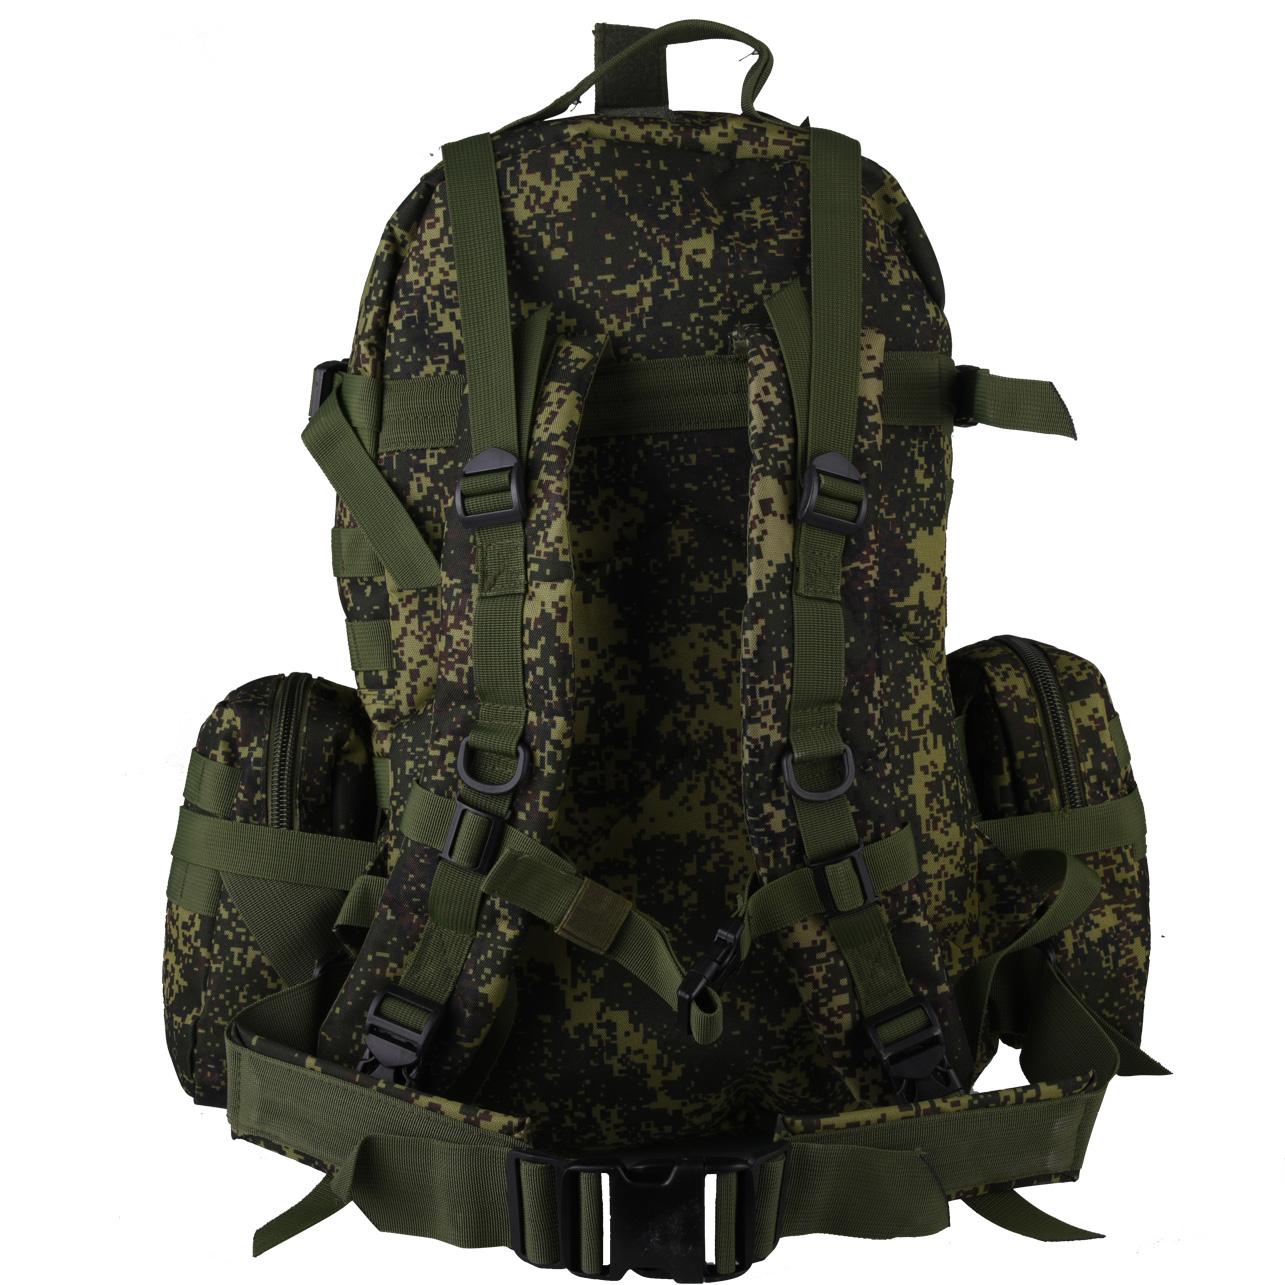 Армейский рейдовый рюкзак с нашивкой Афган - заказать с доставкой